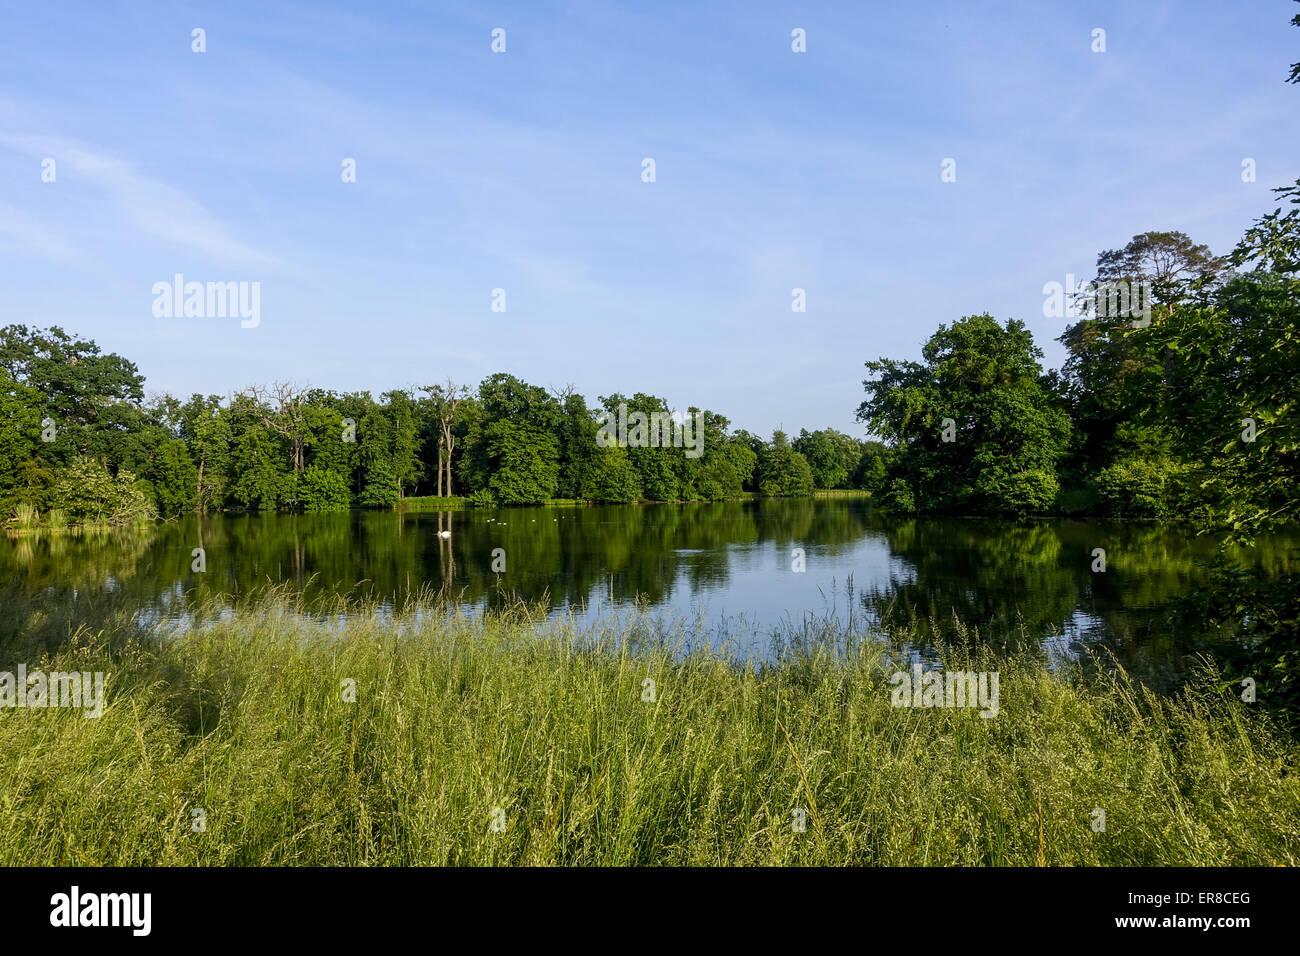 Landschaftsgarten, UNESCO Weltkulturerbe, Lednice, Kreis Breclav, Südmähren, Tschechien - Stock Image